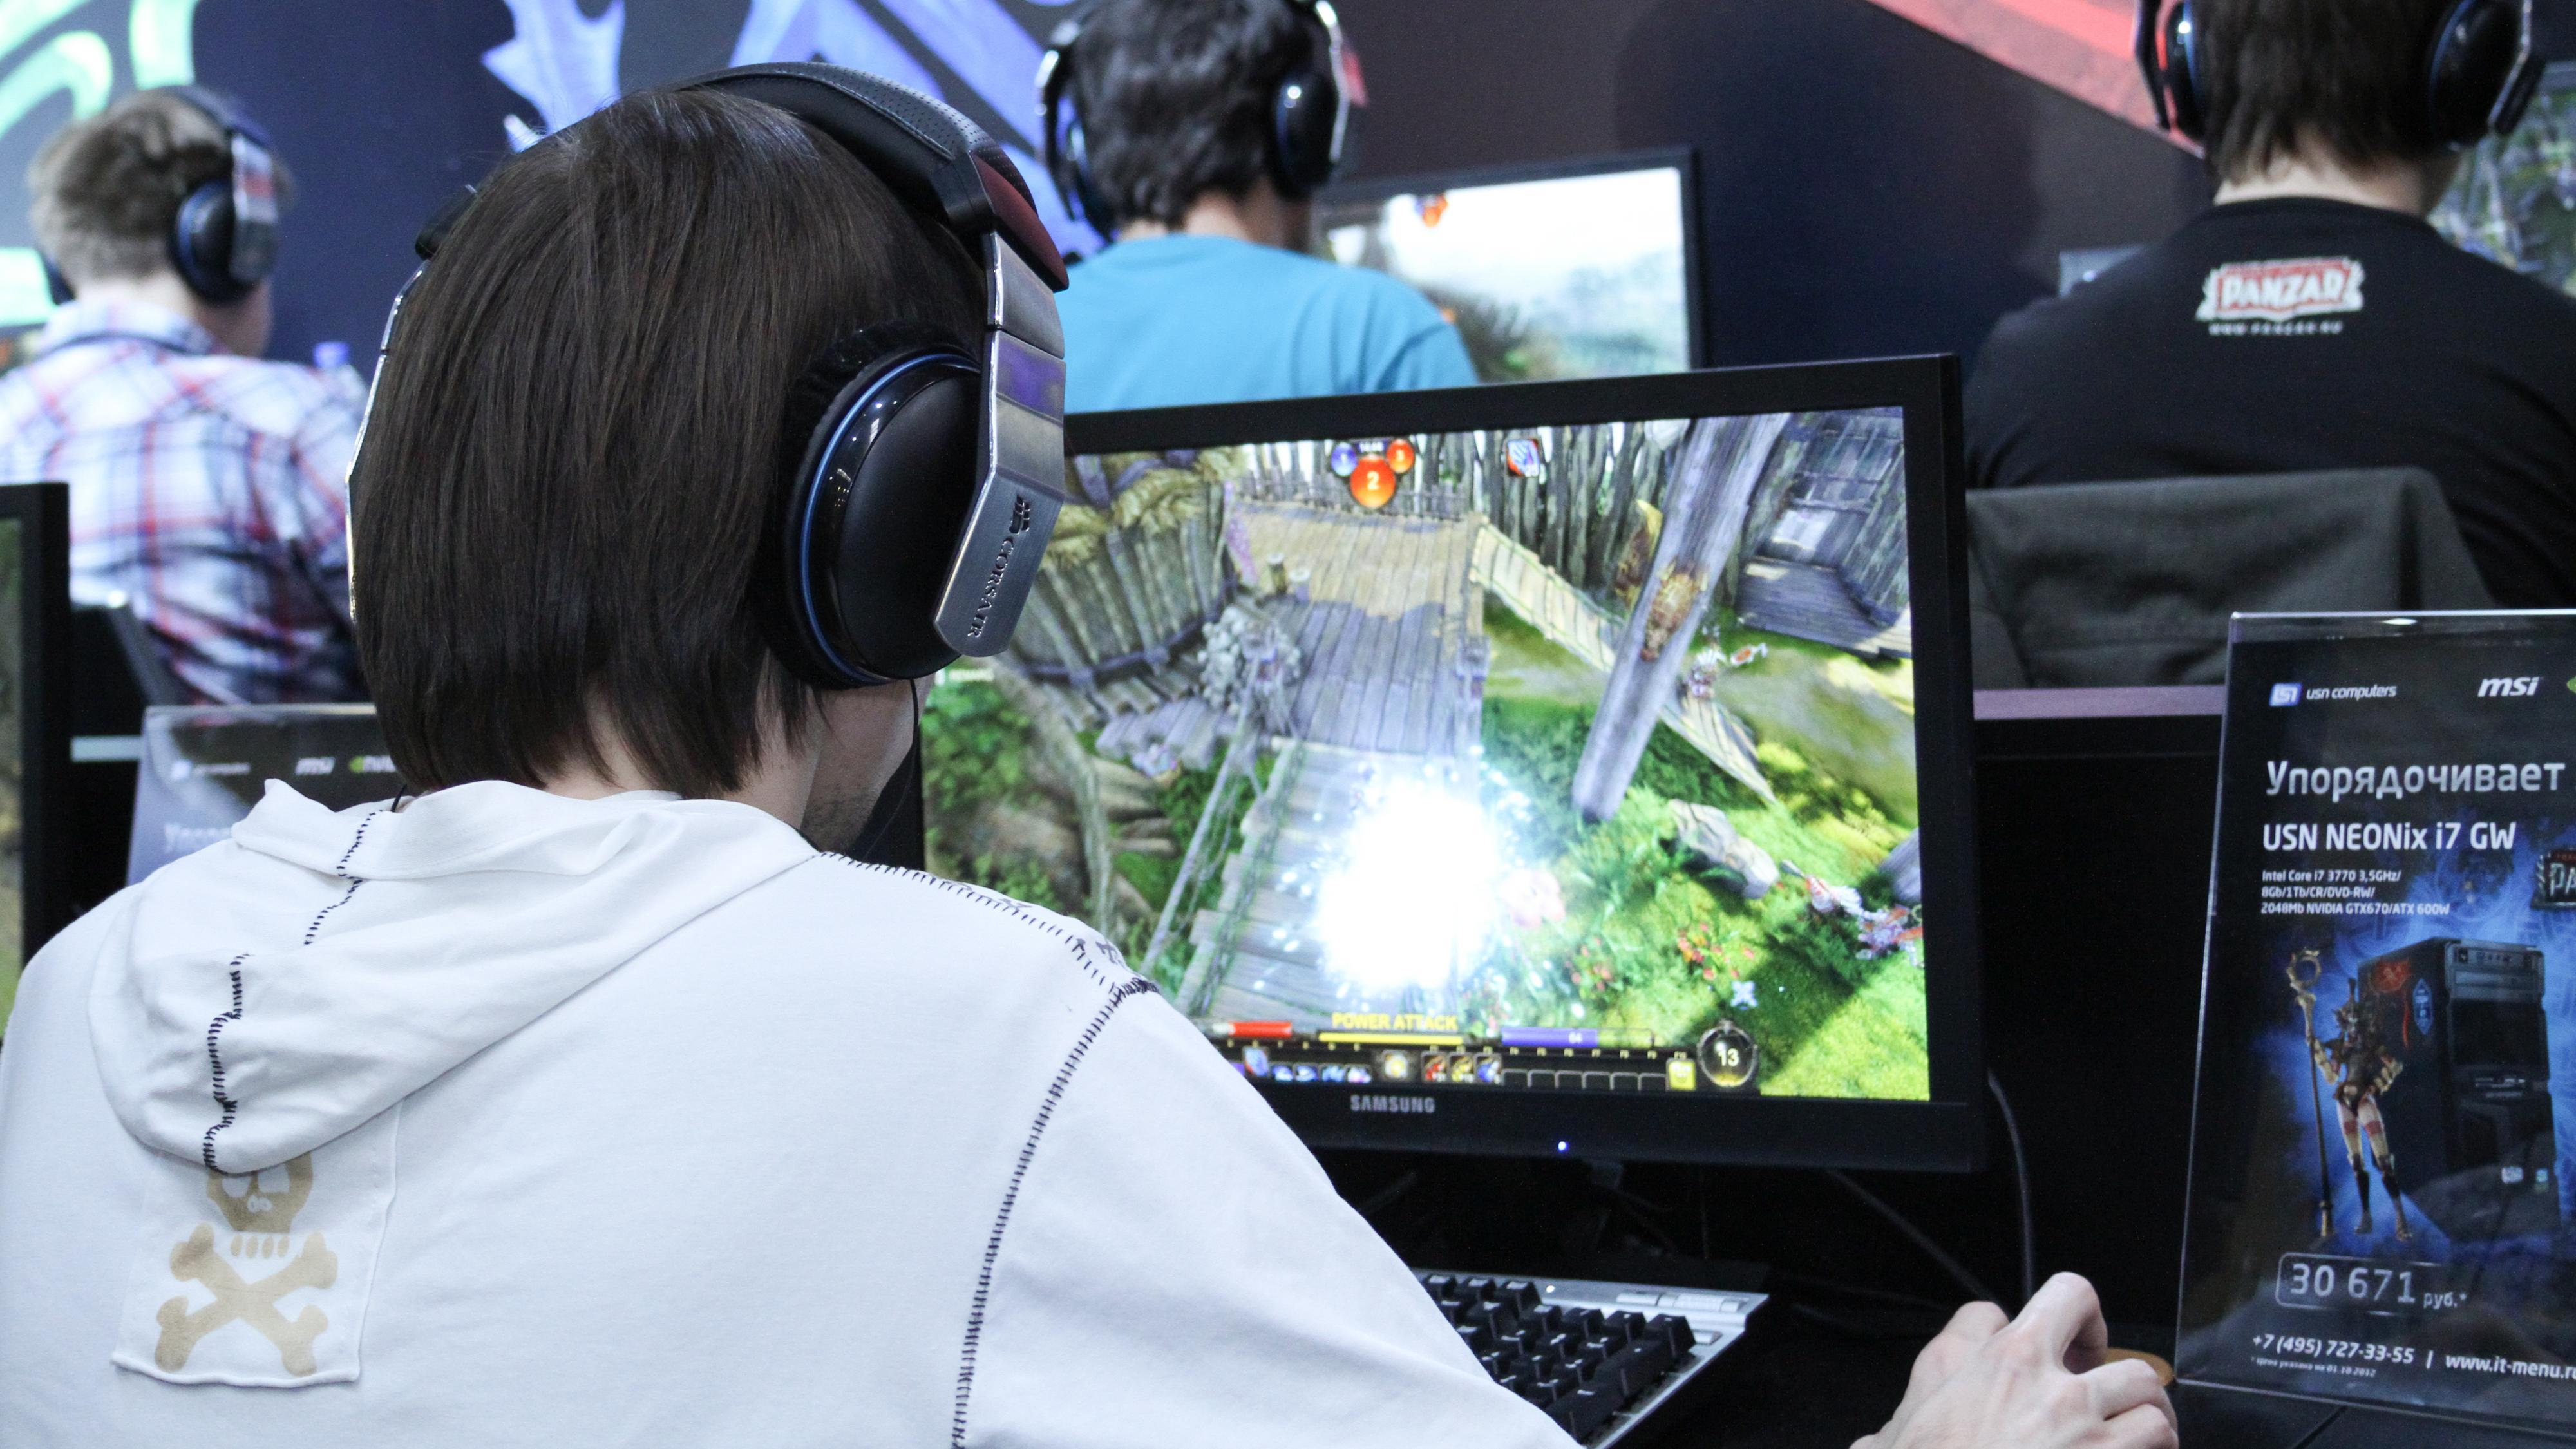 Nå får Linux-brukerne bedre spillstøtte på Steam